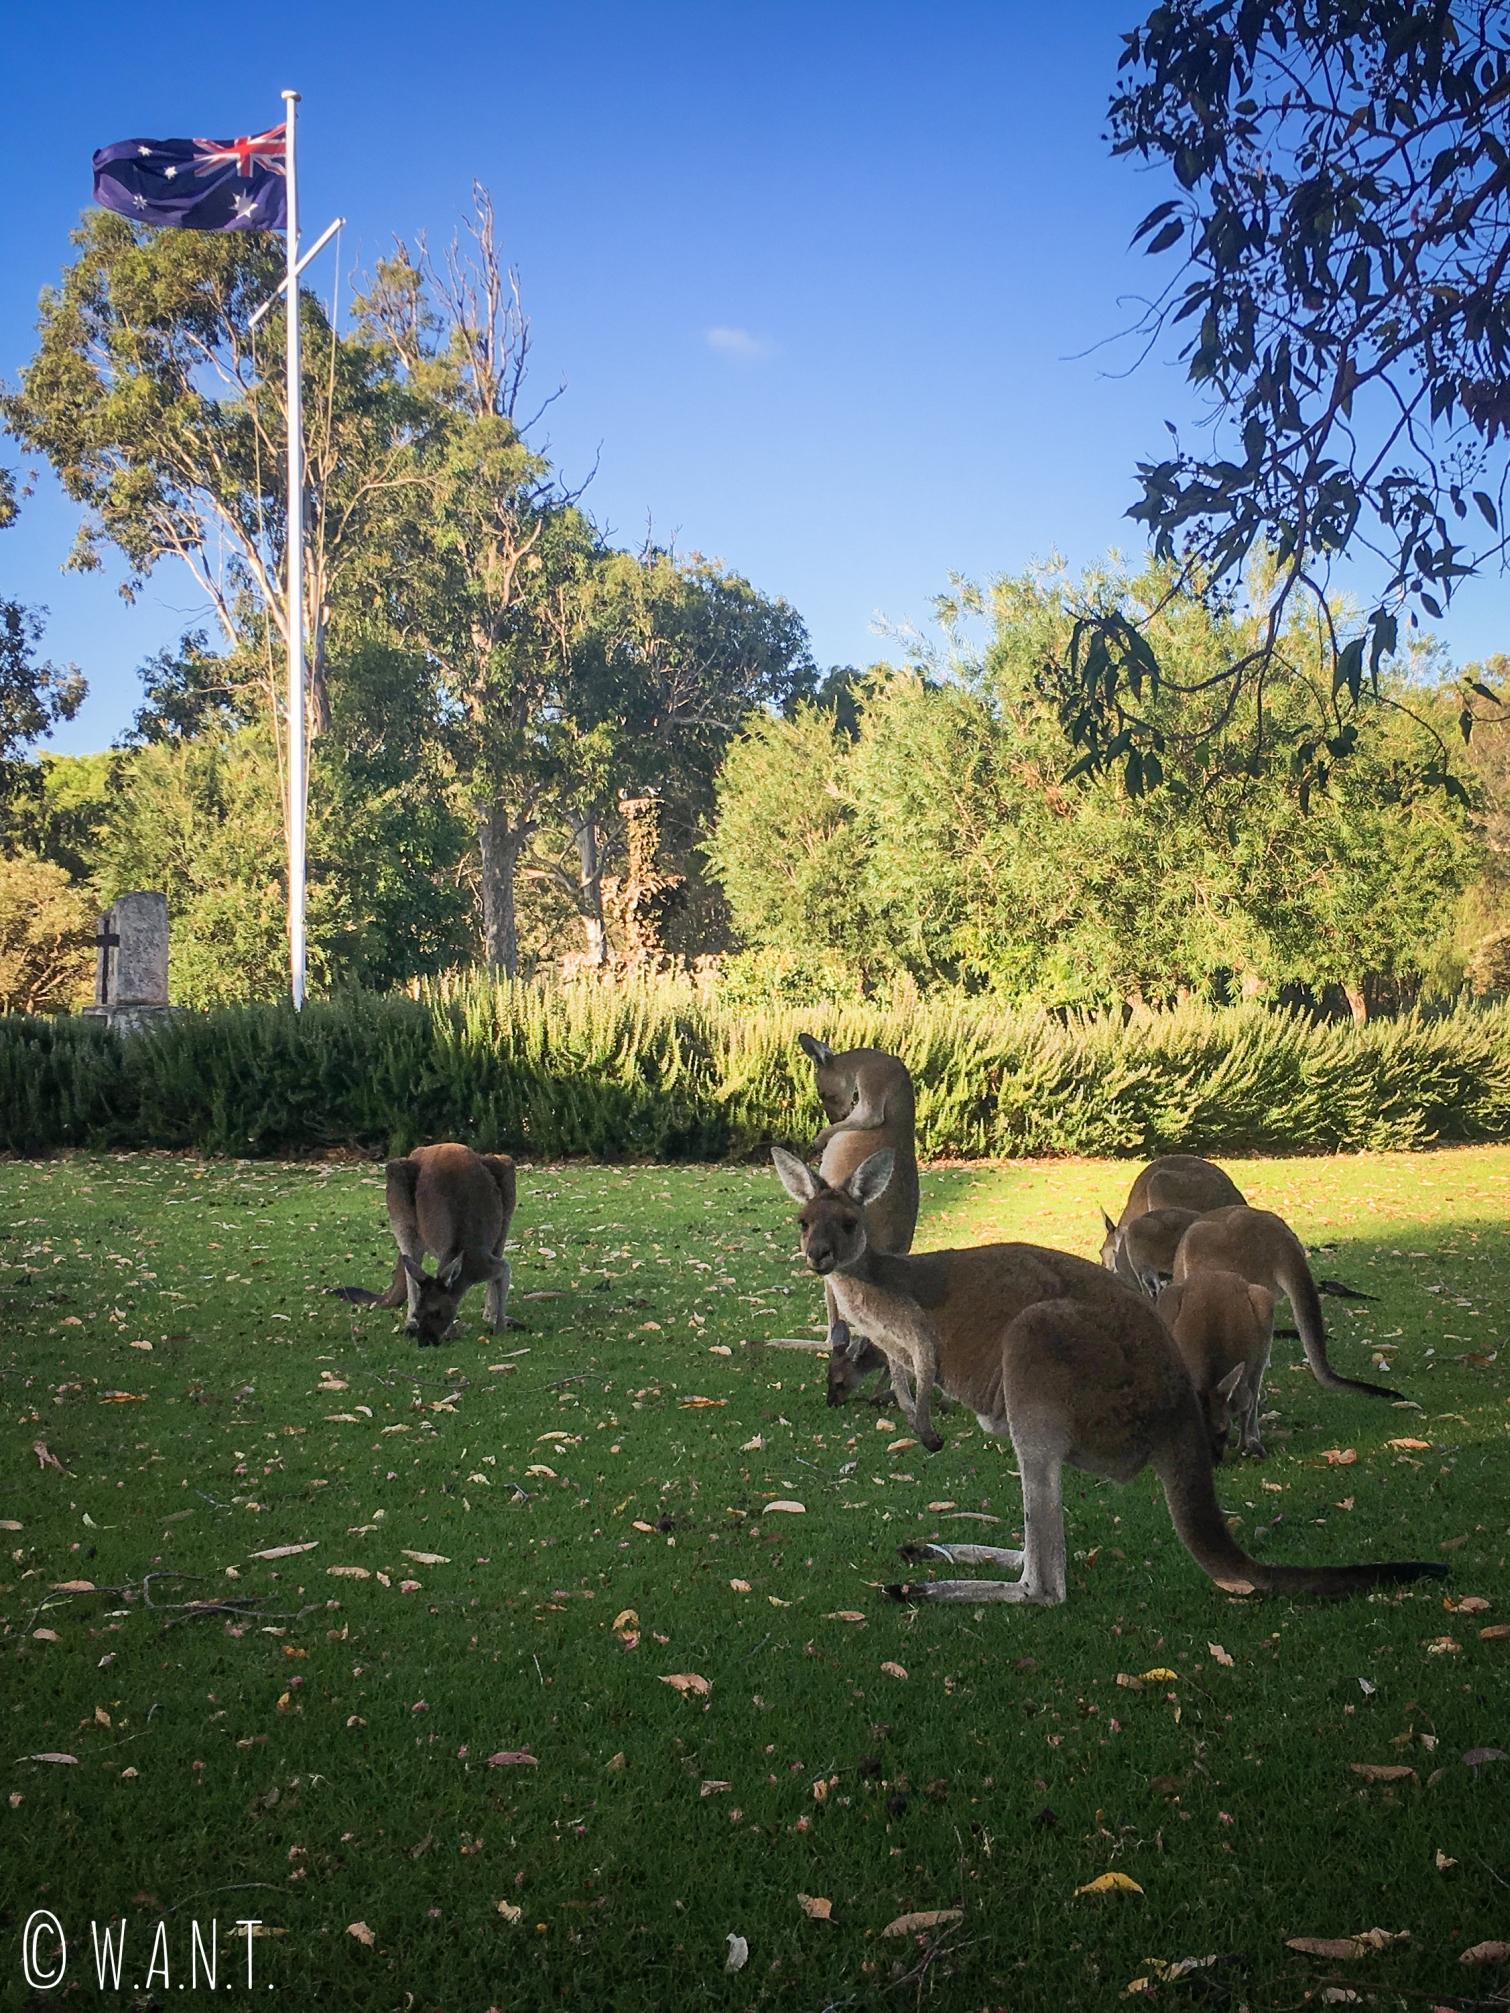 Kangourous en liberté au Yanchep National Park au nord de Perth